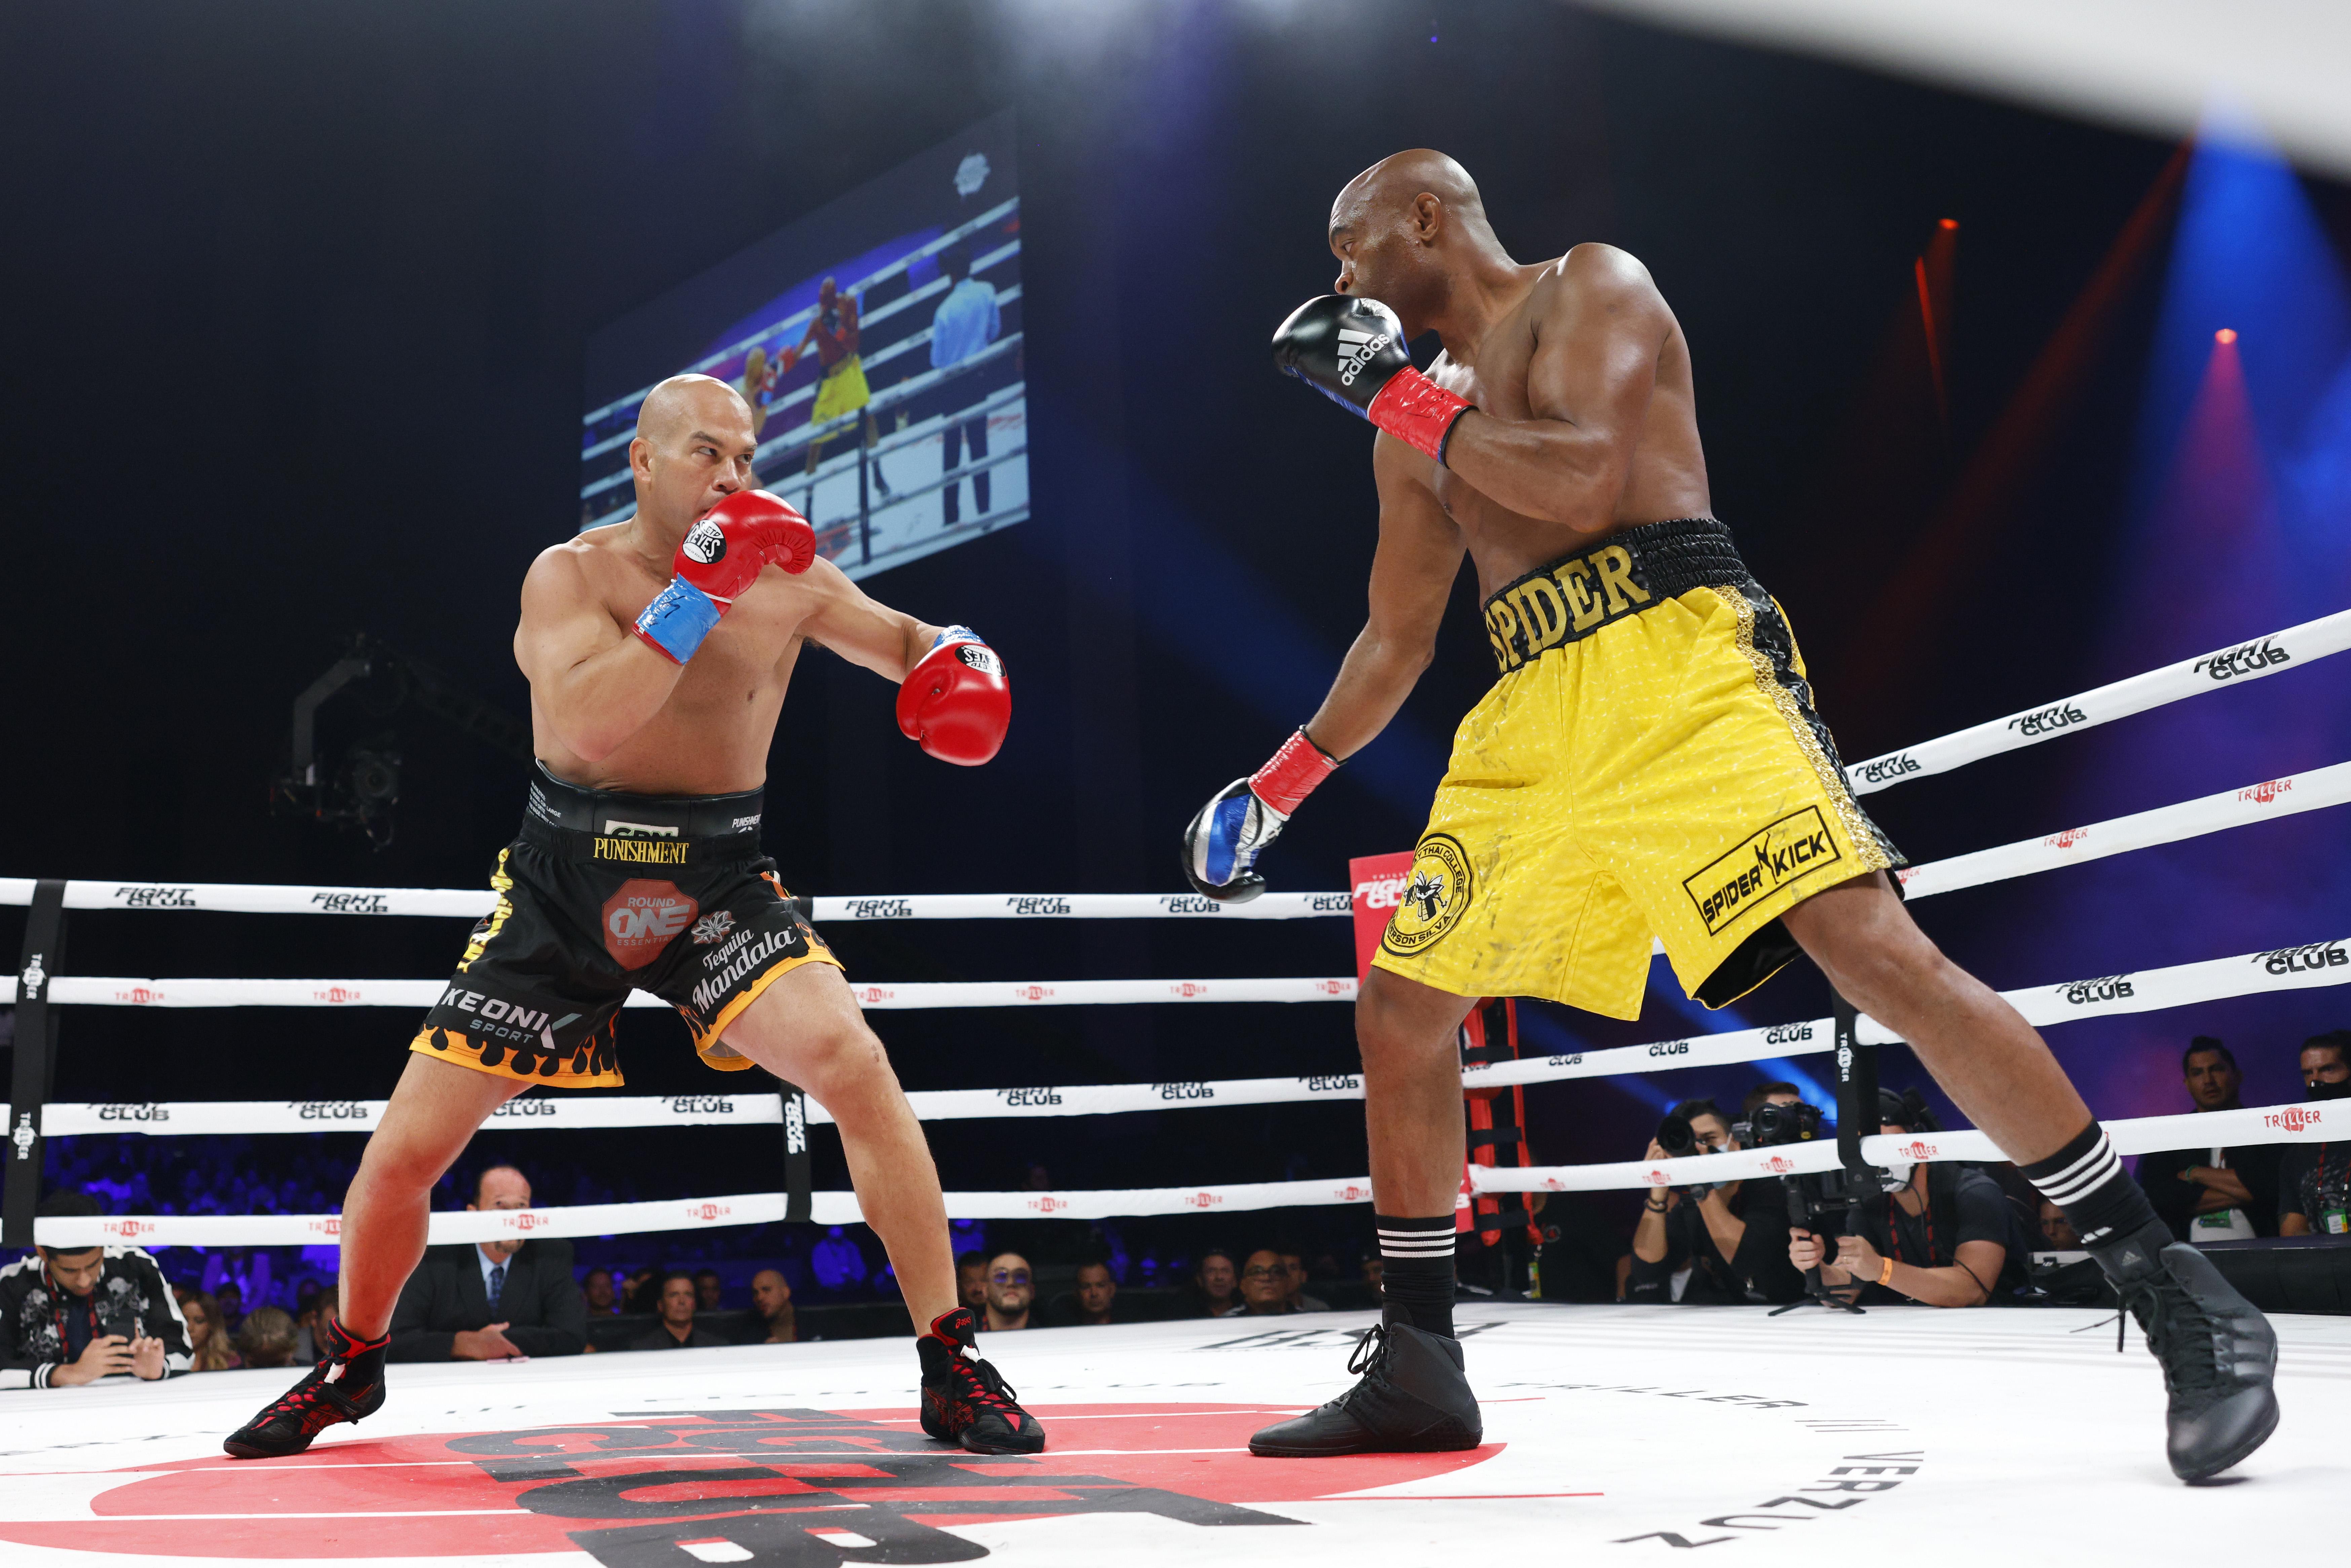 Tito Ortiz vs. Anderson Silva